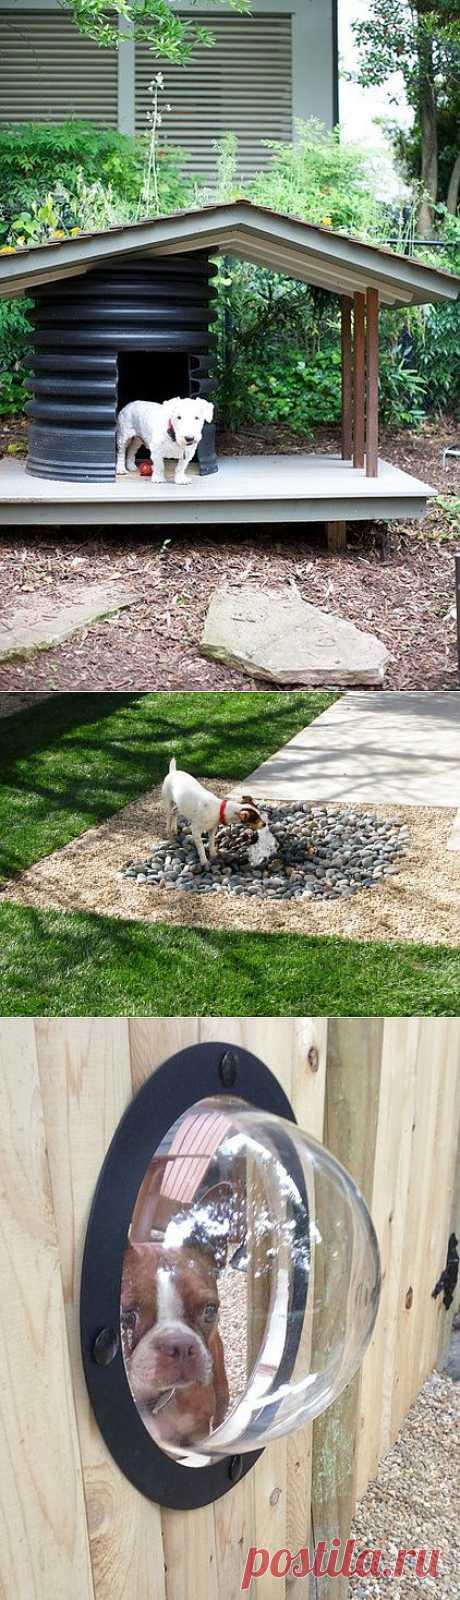 Оригинальные приспособления для собак. 4 идеи | Дом-Цветник